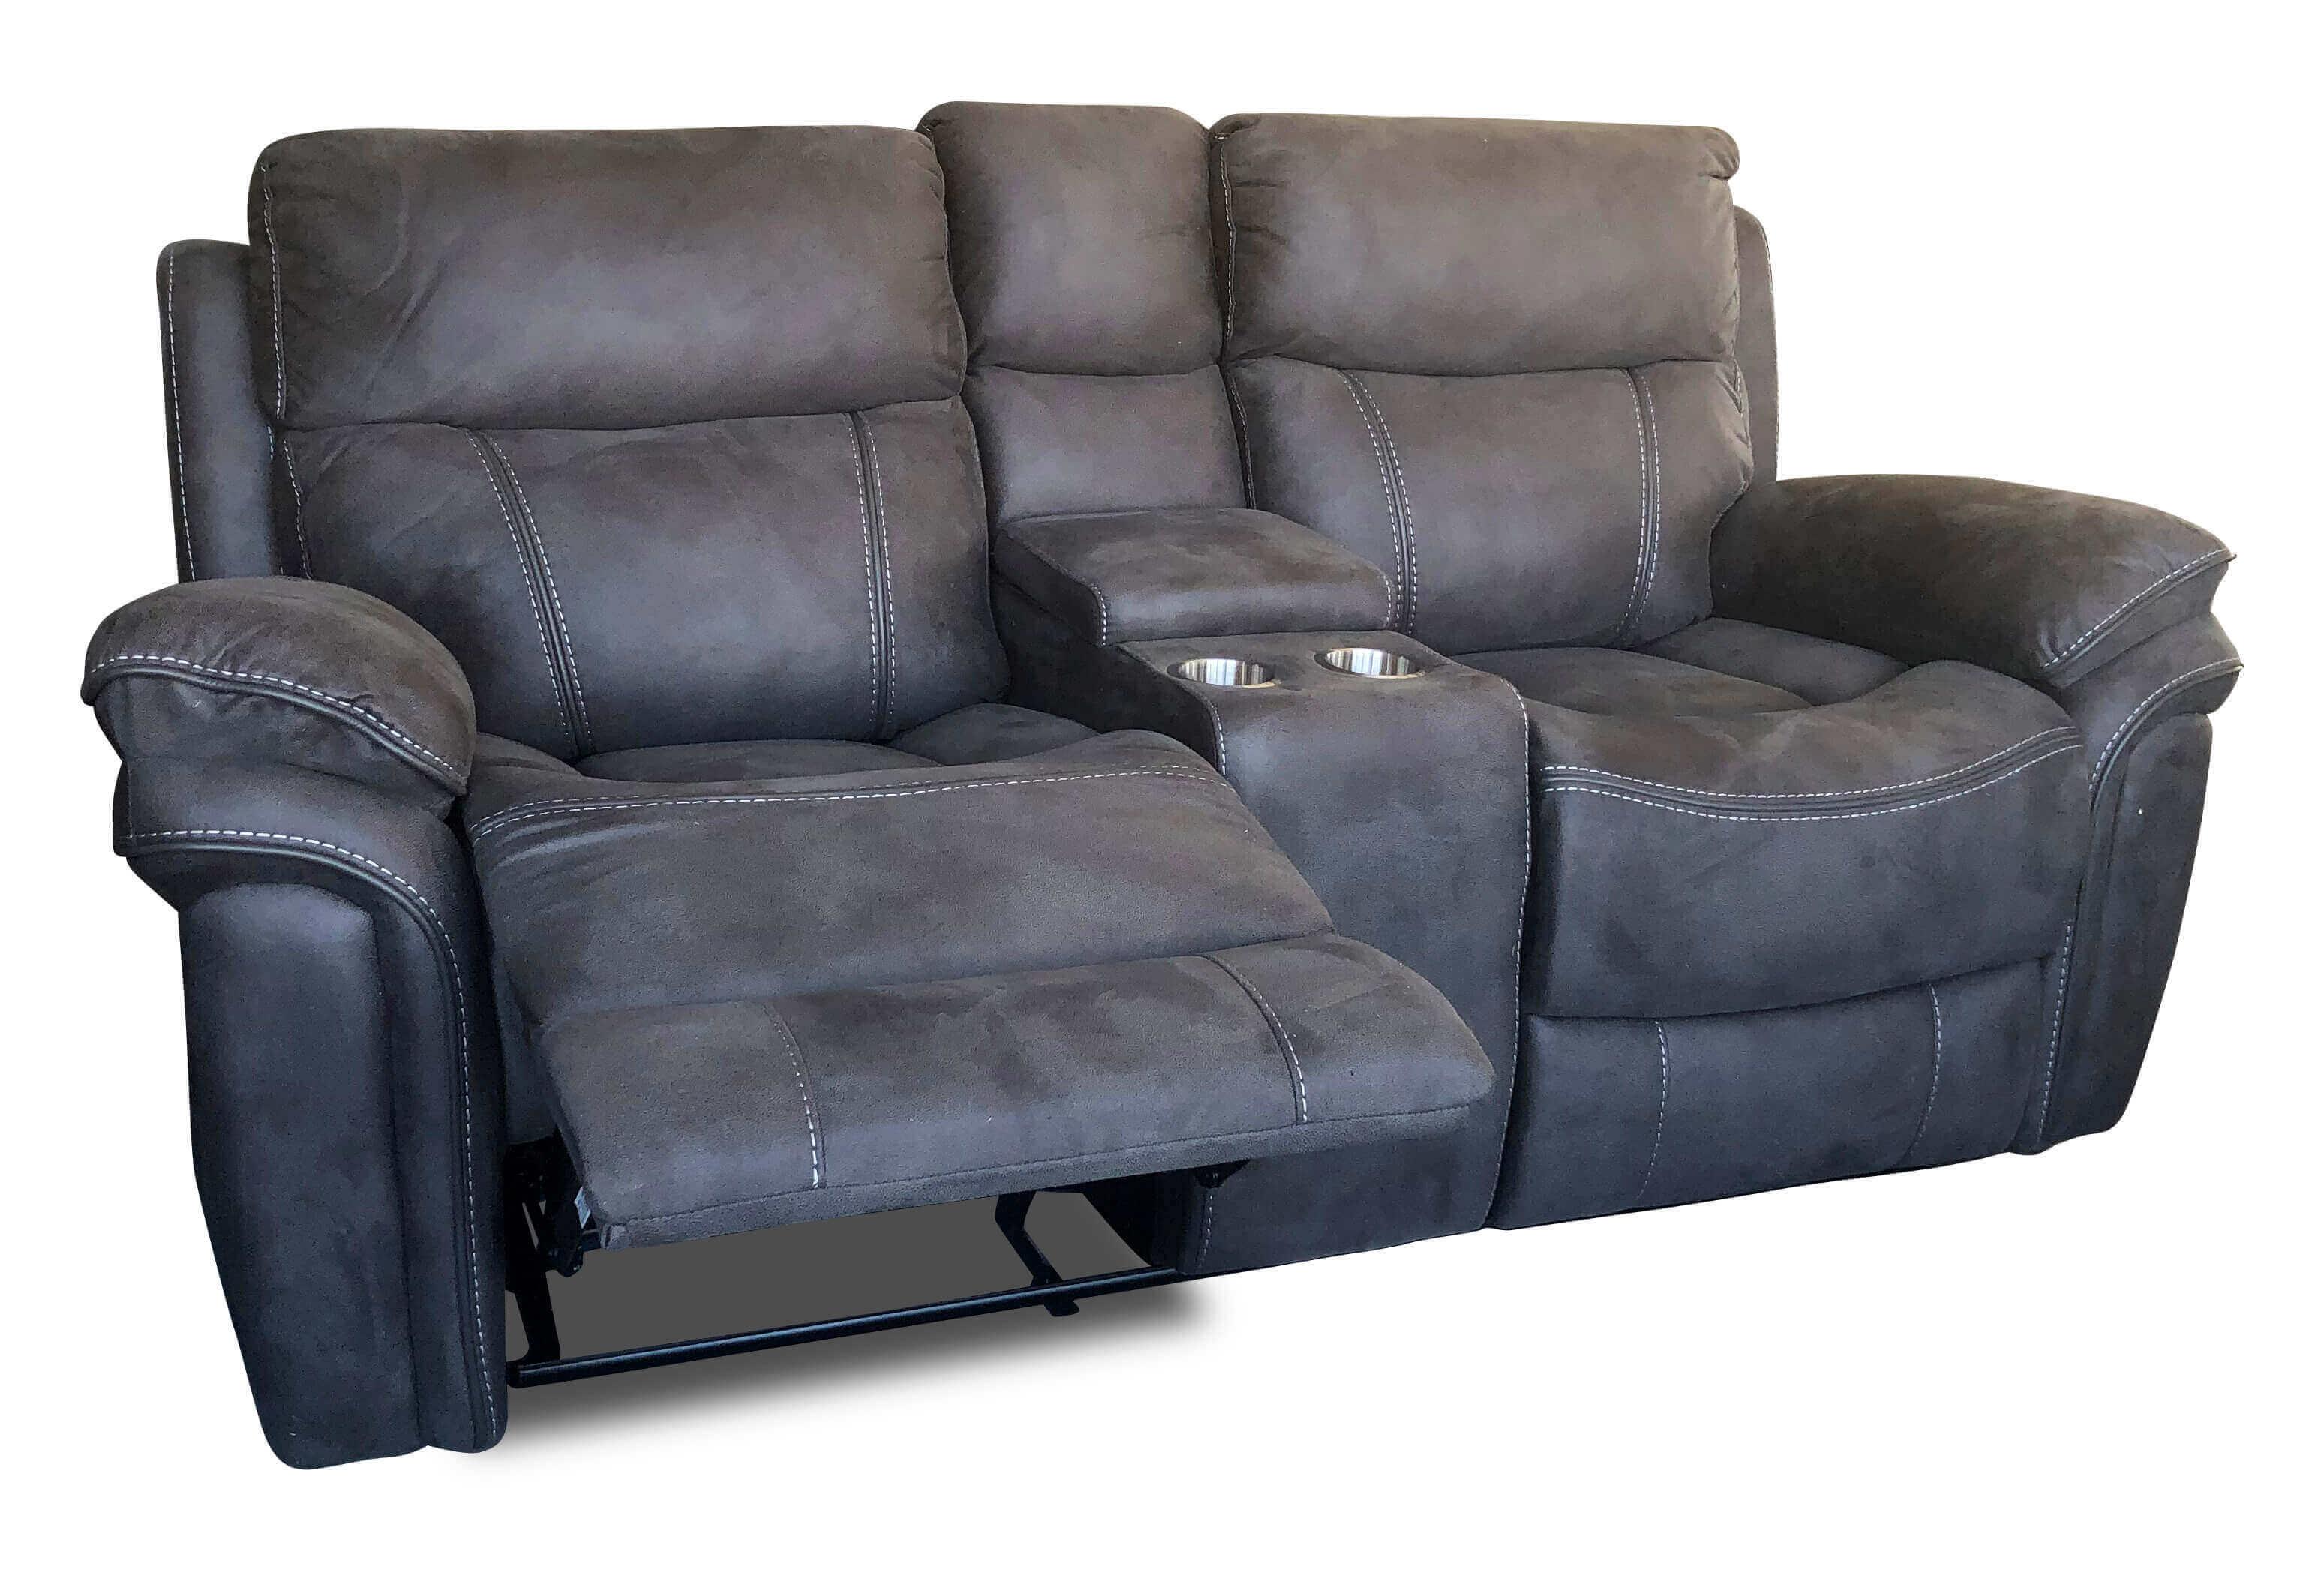 Tremendous Mako Reclining Sofa And Loveseat Uwap Interior Chair Design Uwaporg